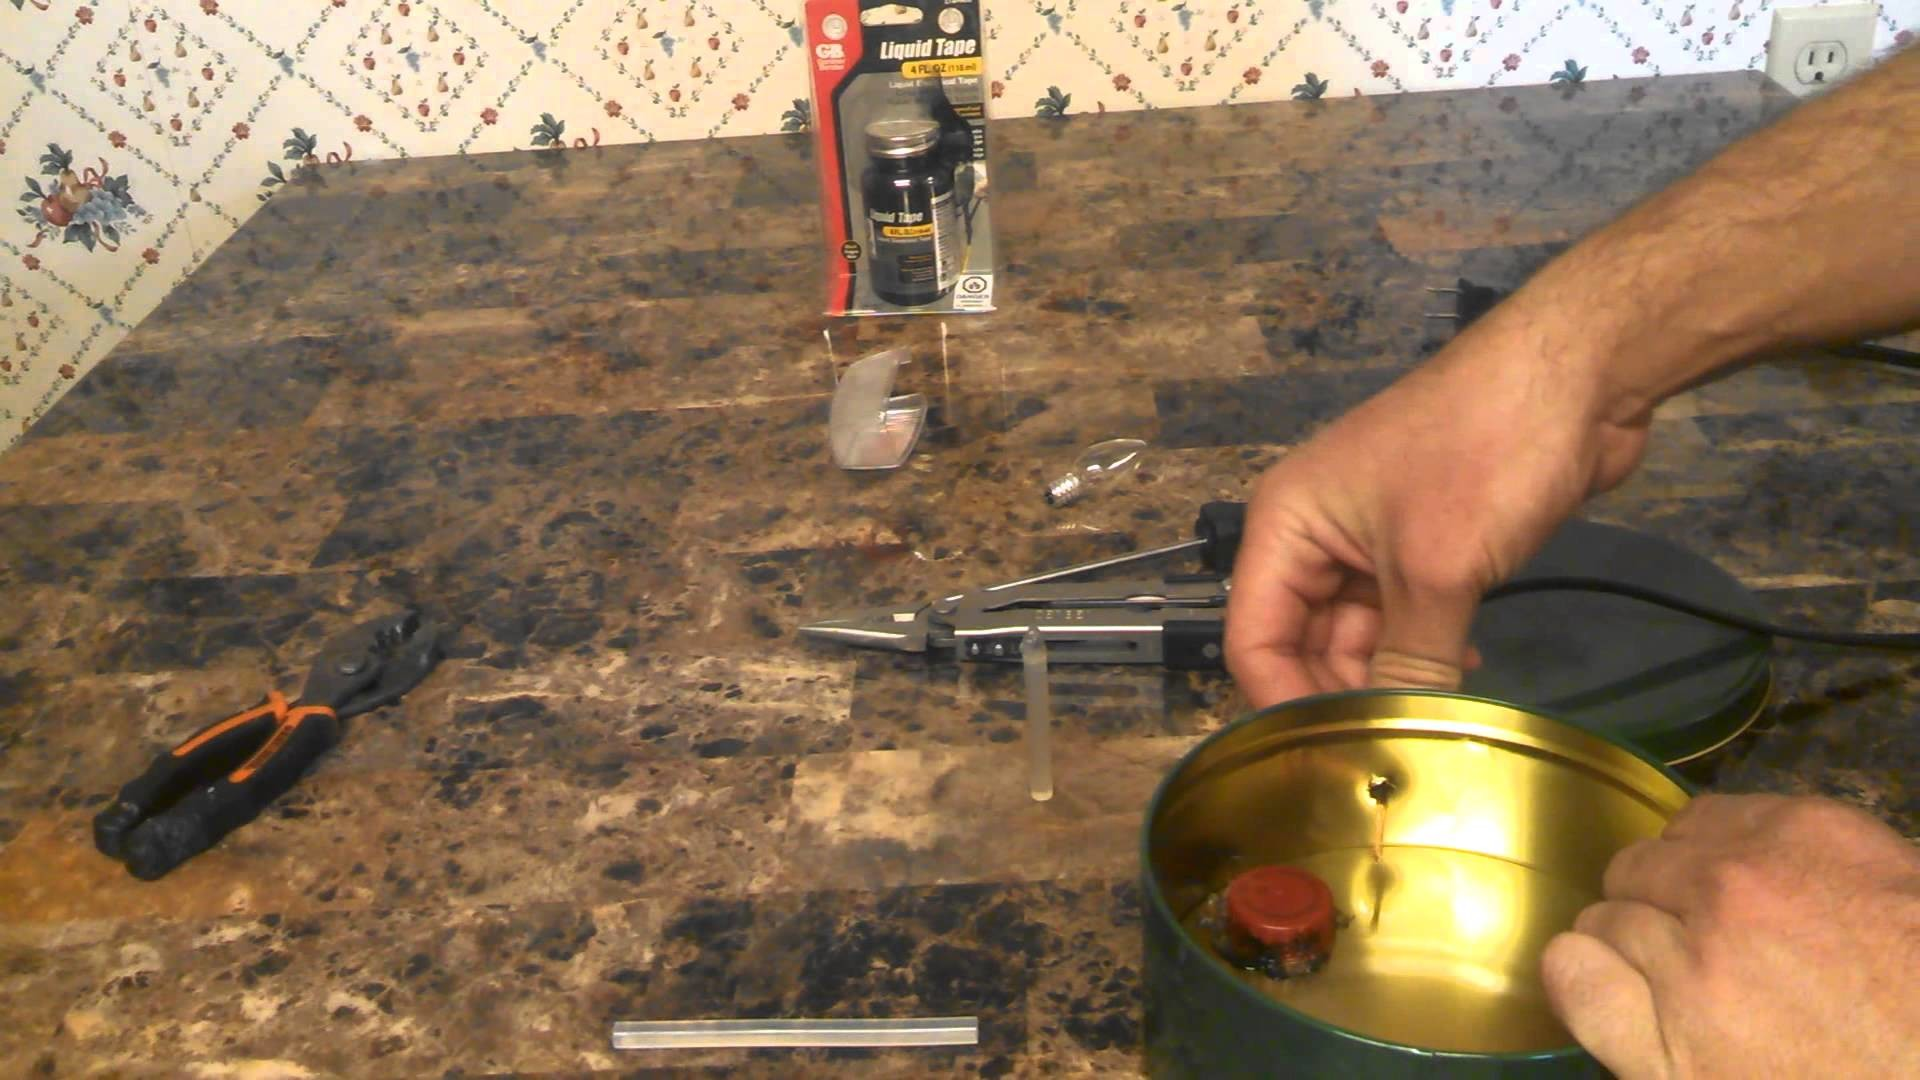 DIY Water Heater for Chicken Coop